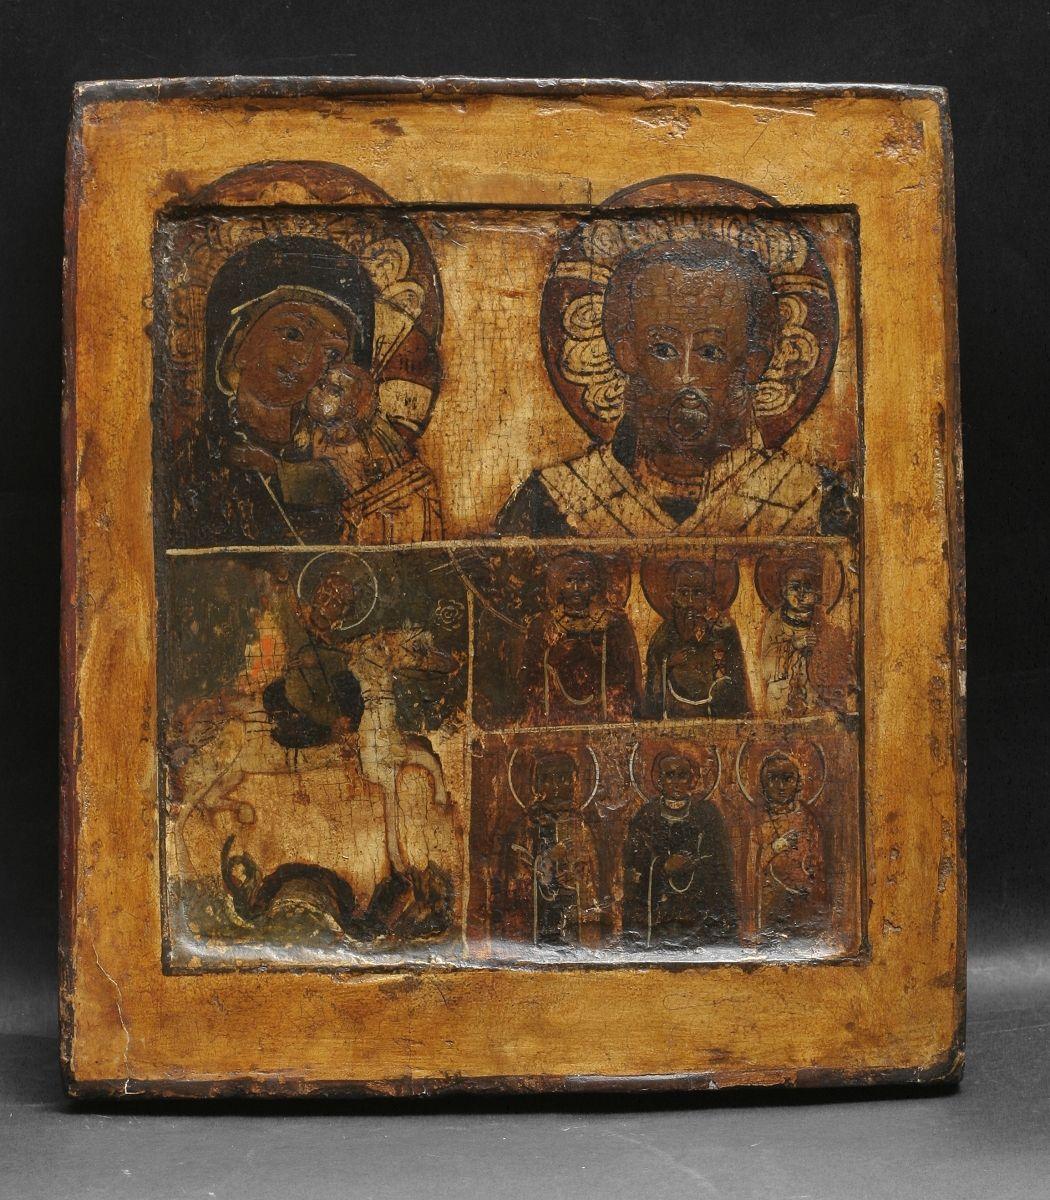 самые древние иконы мира фото восхитились опубликованными кадрами